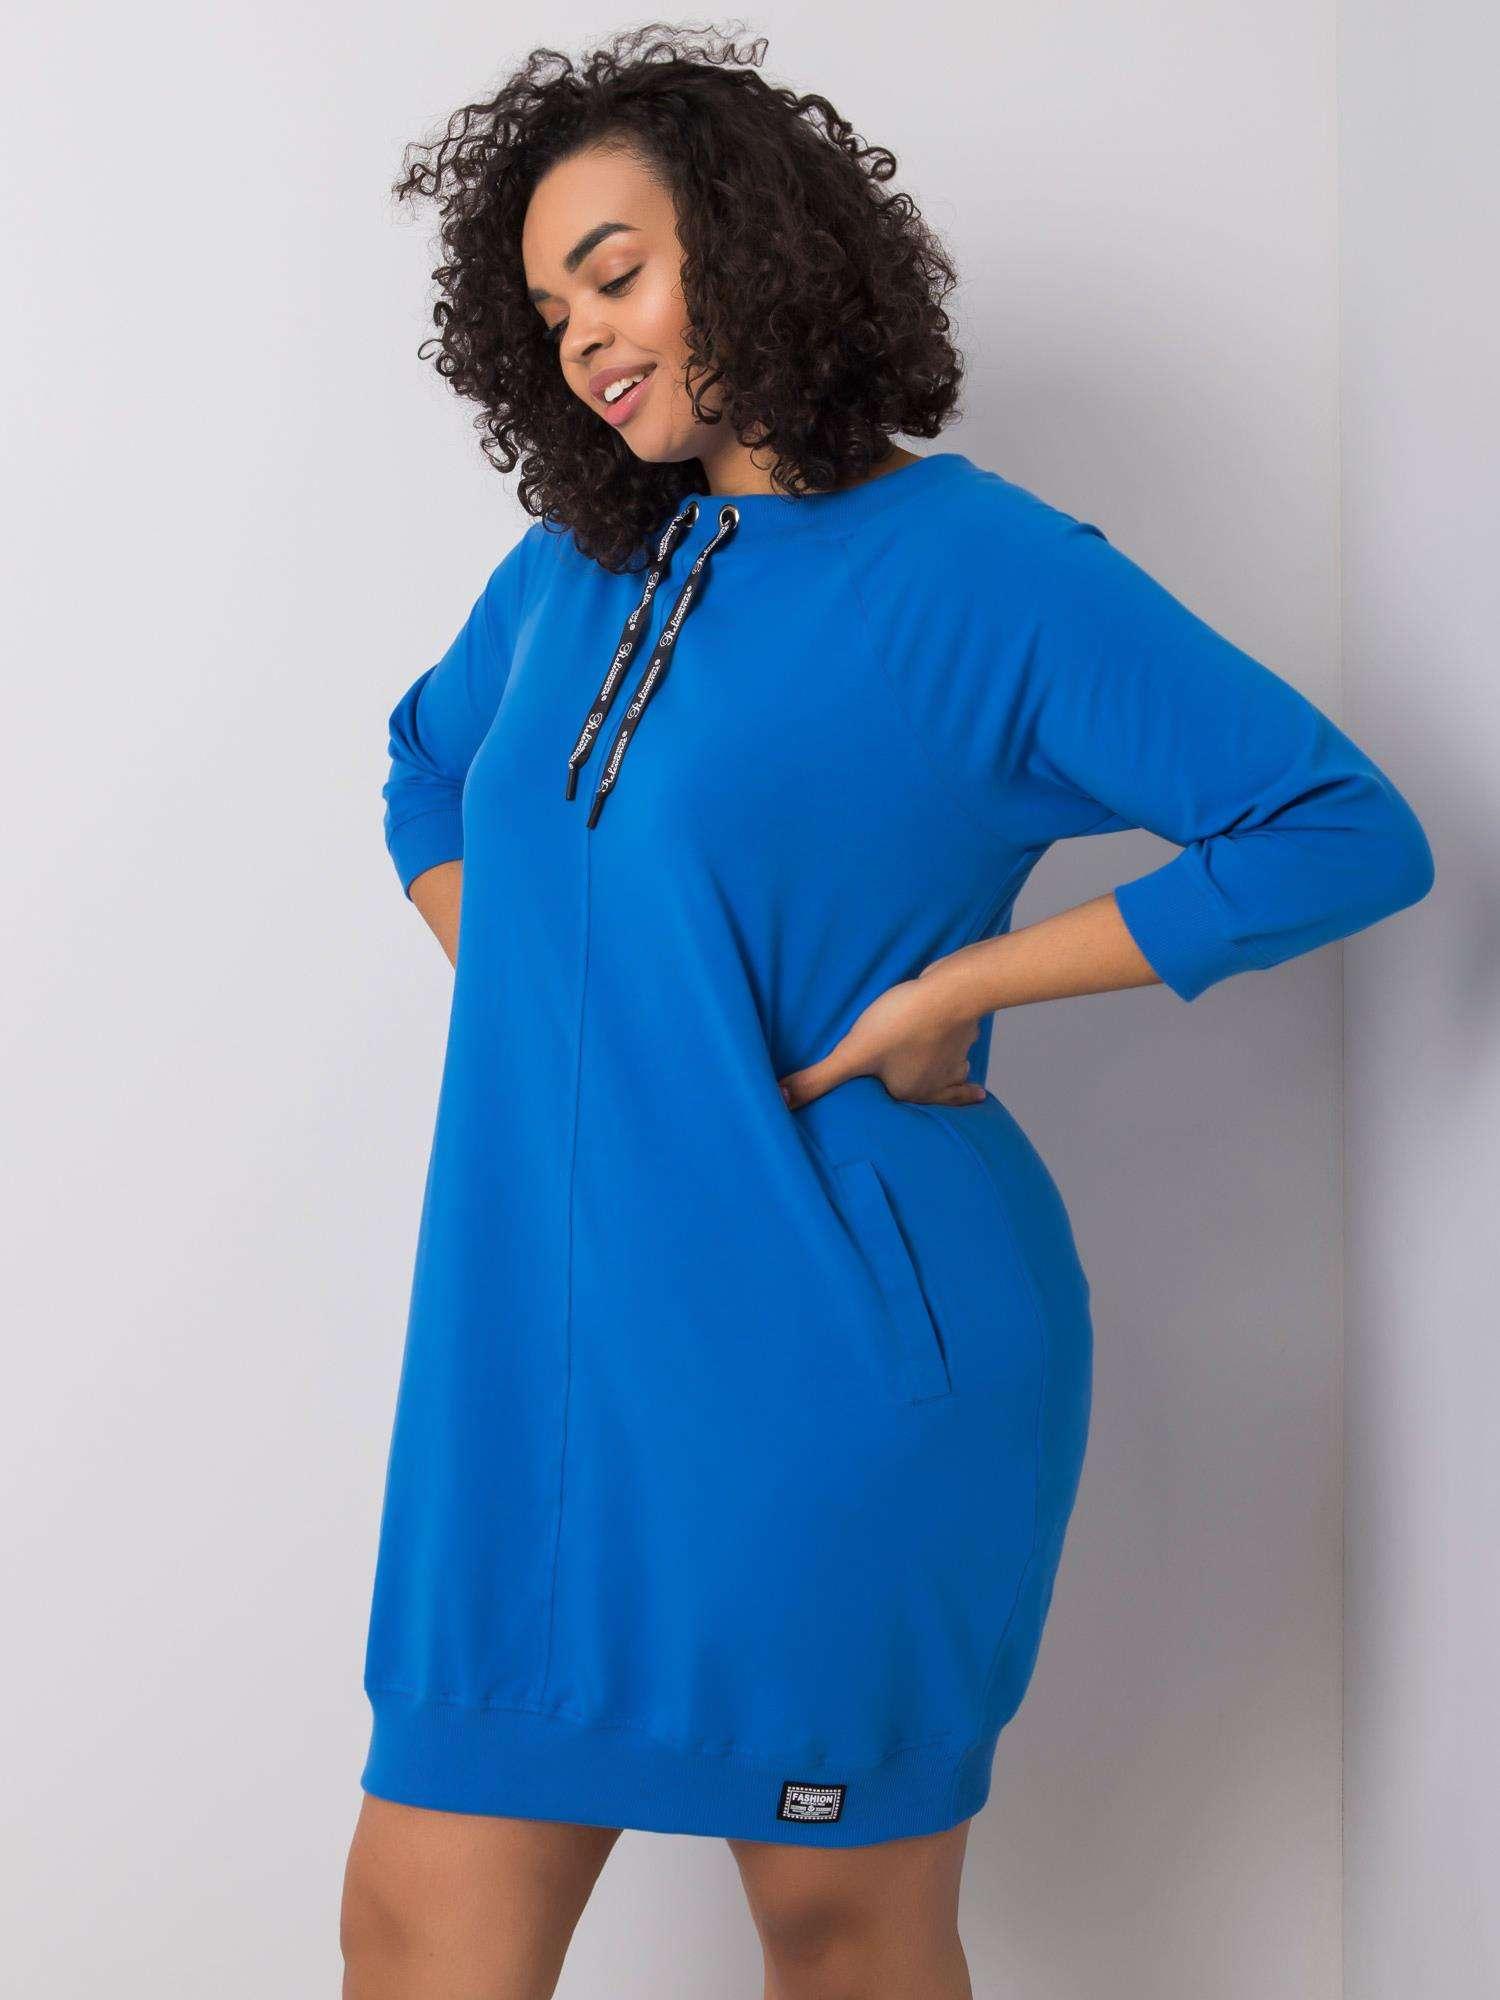 Sweatshirt Kleid in Opablau Curvy Seitenansicht